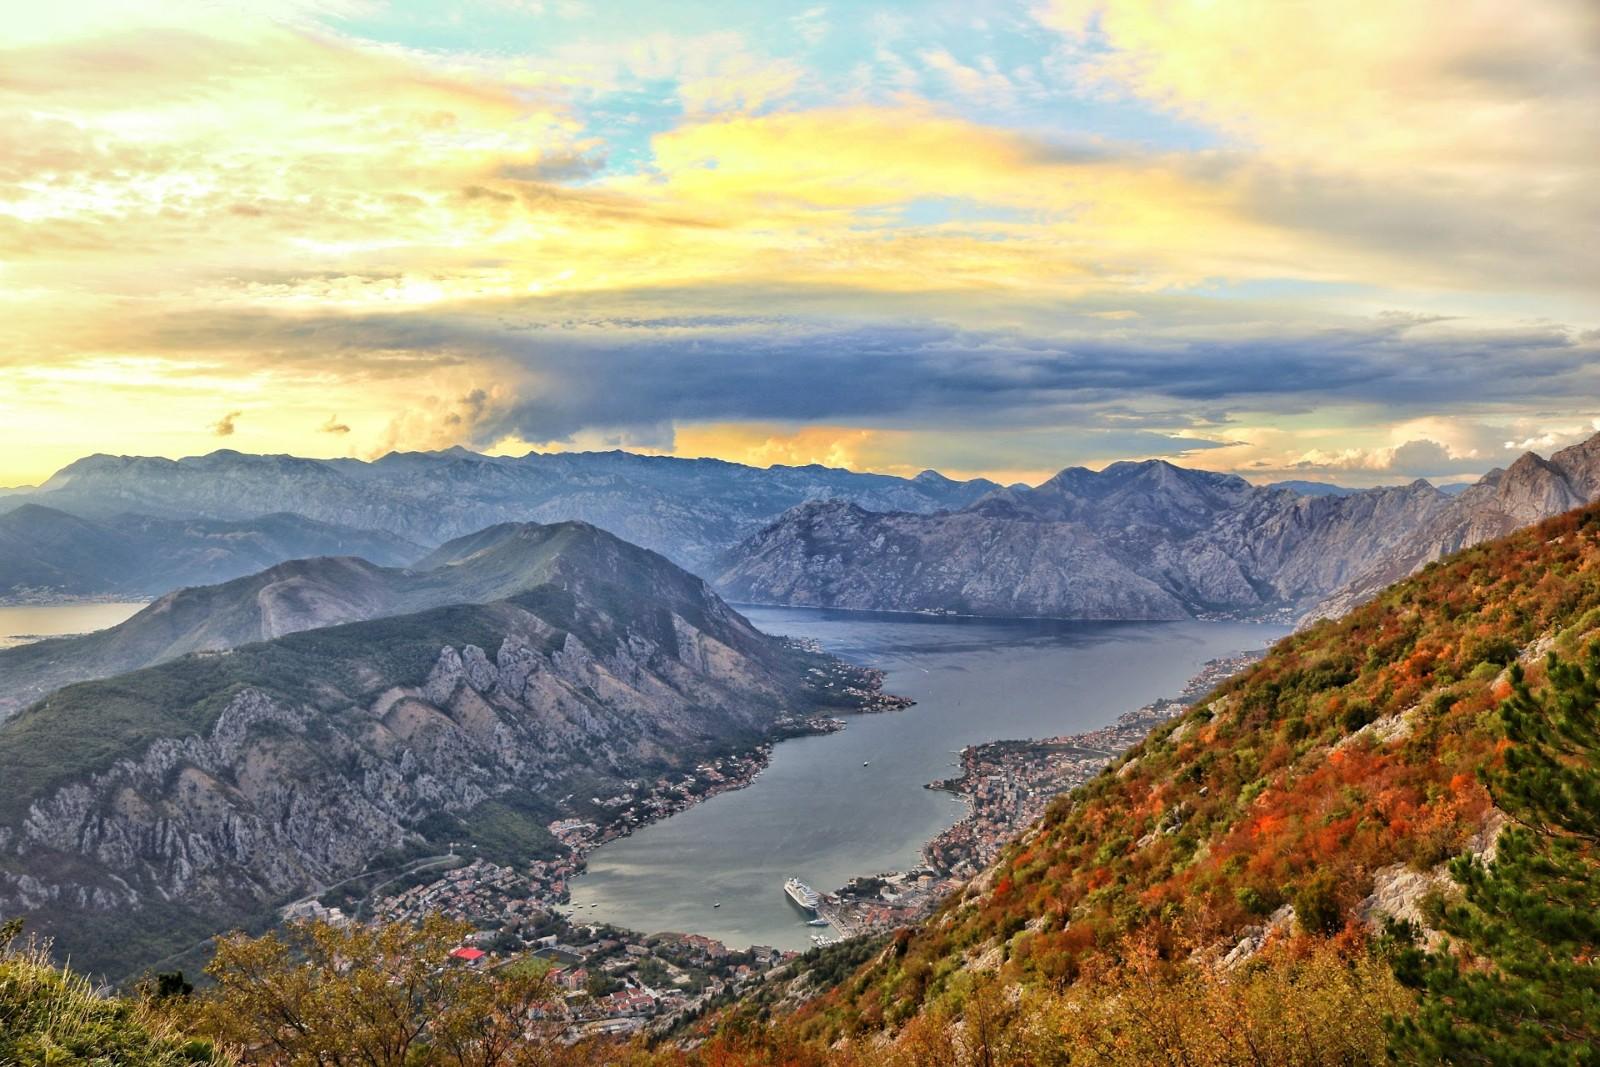 Montenegro-Bay-of-Kotor-Lovcen.jpg